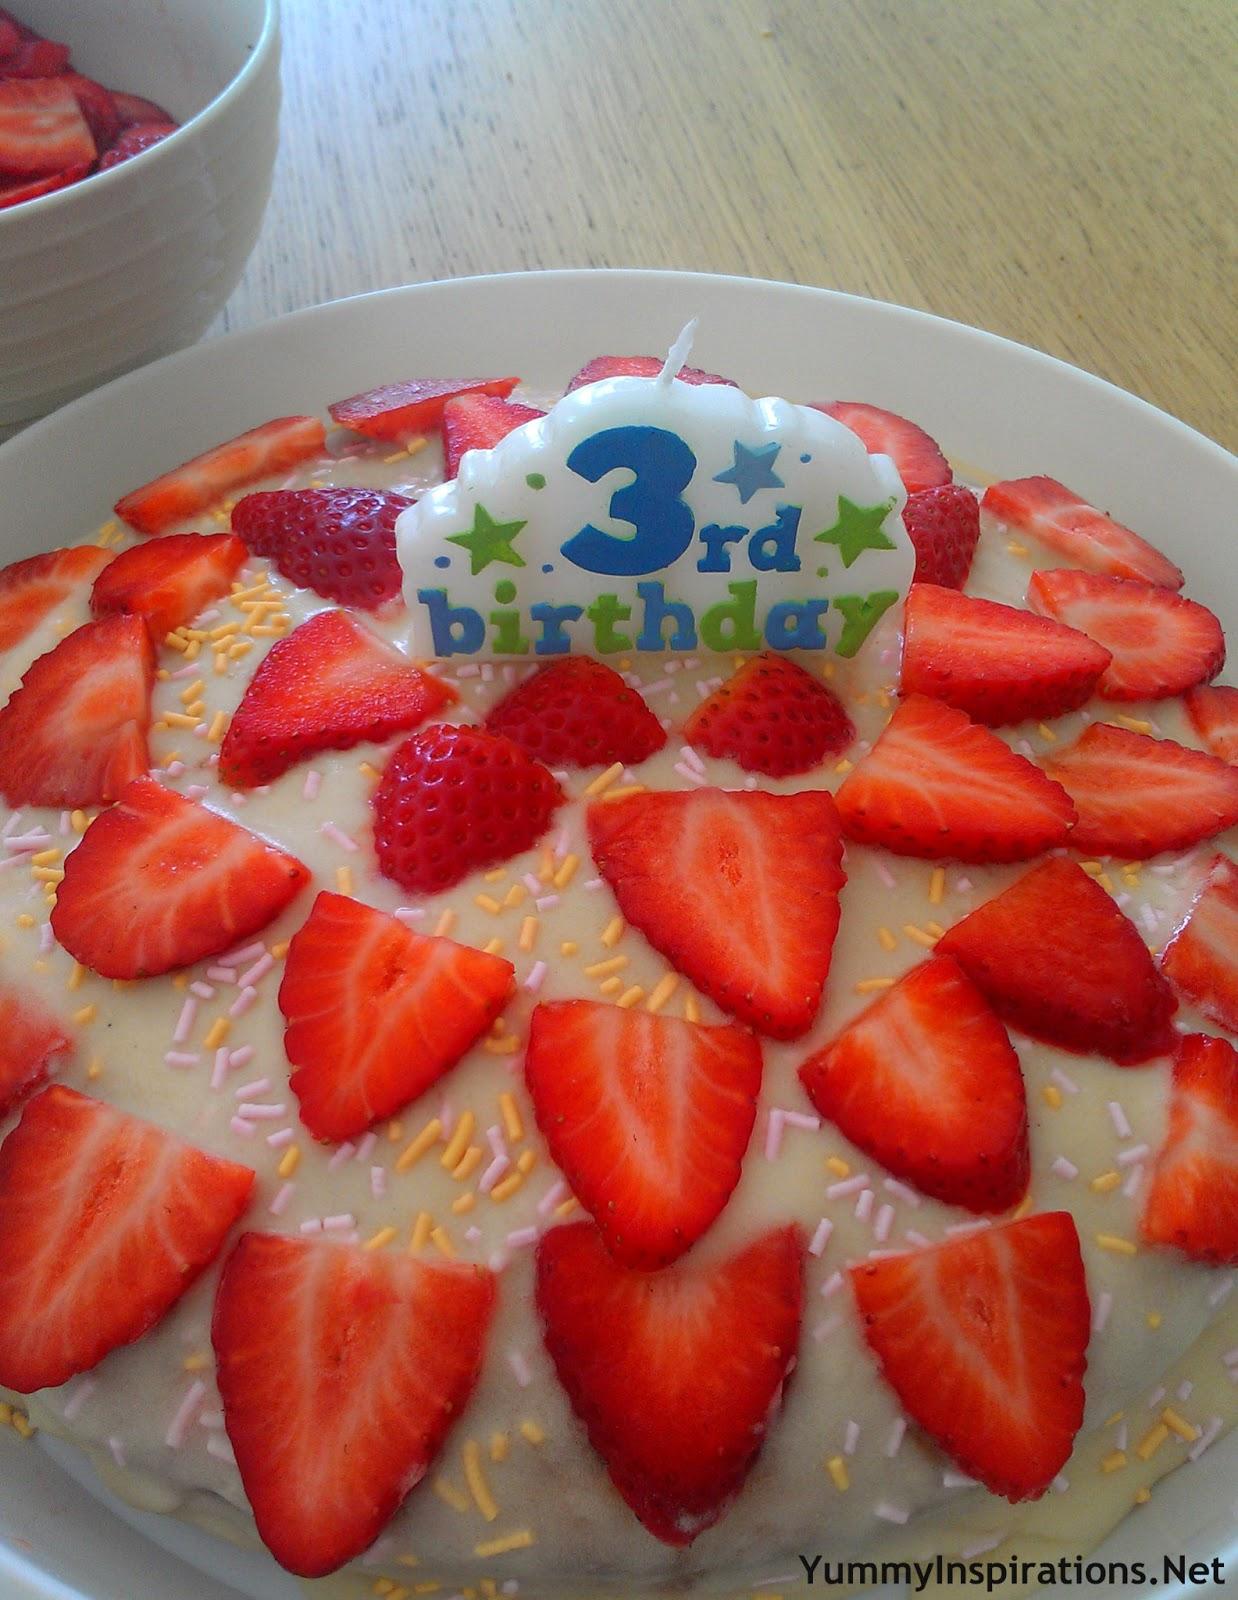 3rd Birthday Cake Hot Milk Sponge Yummy Inspirations